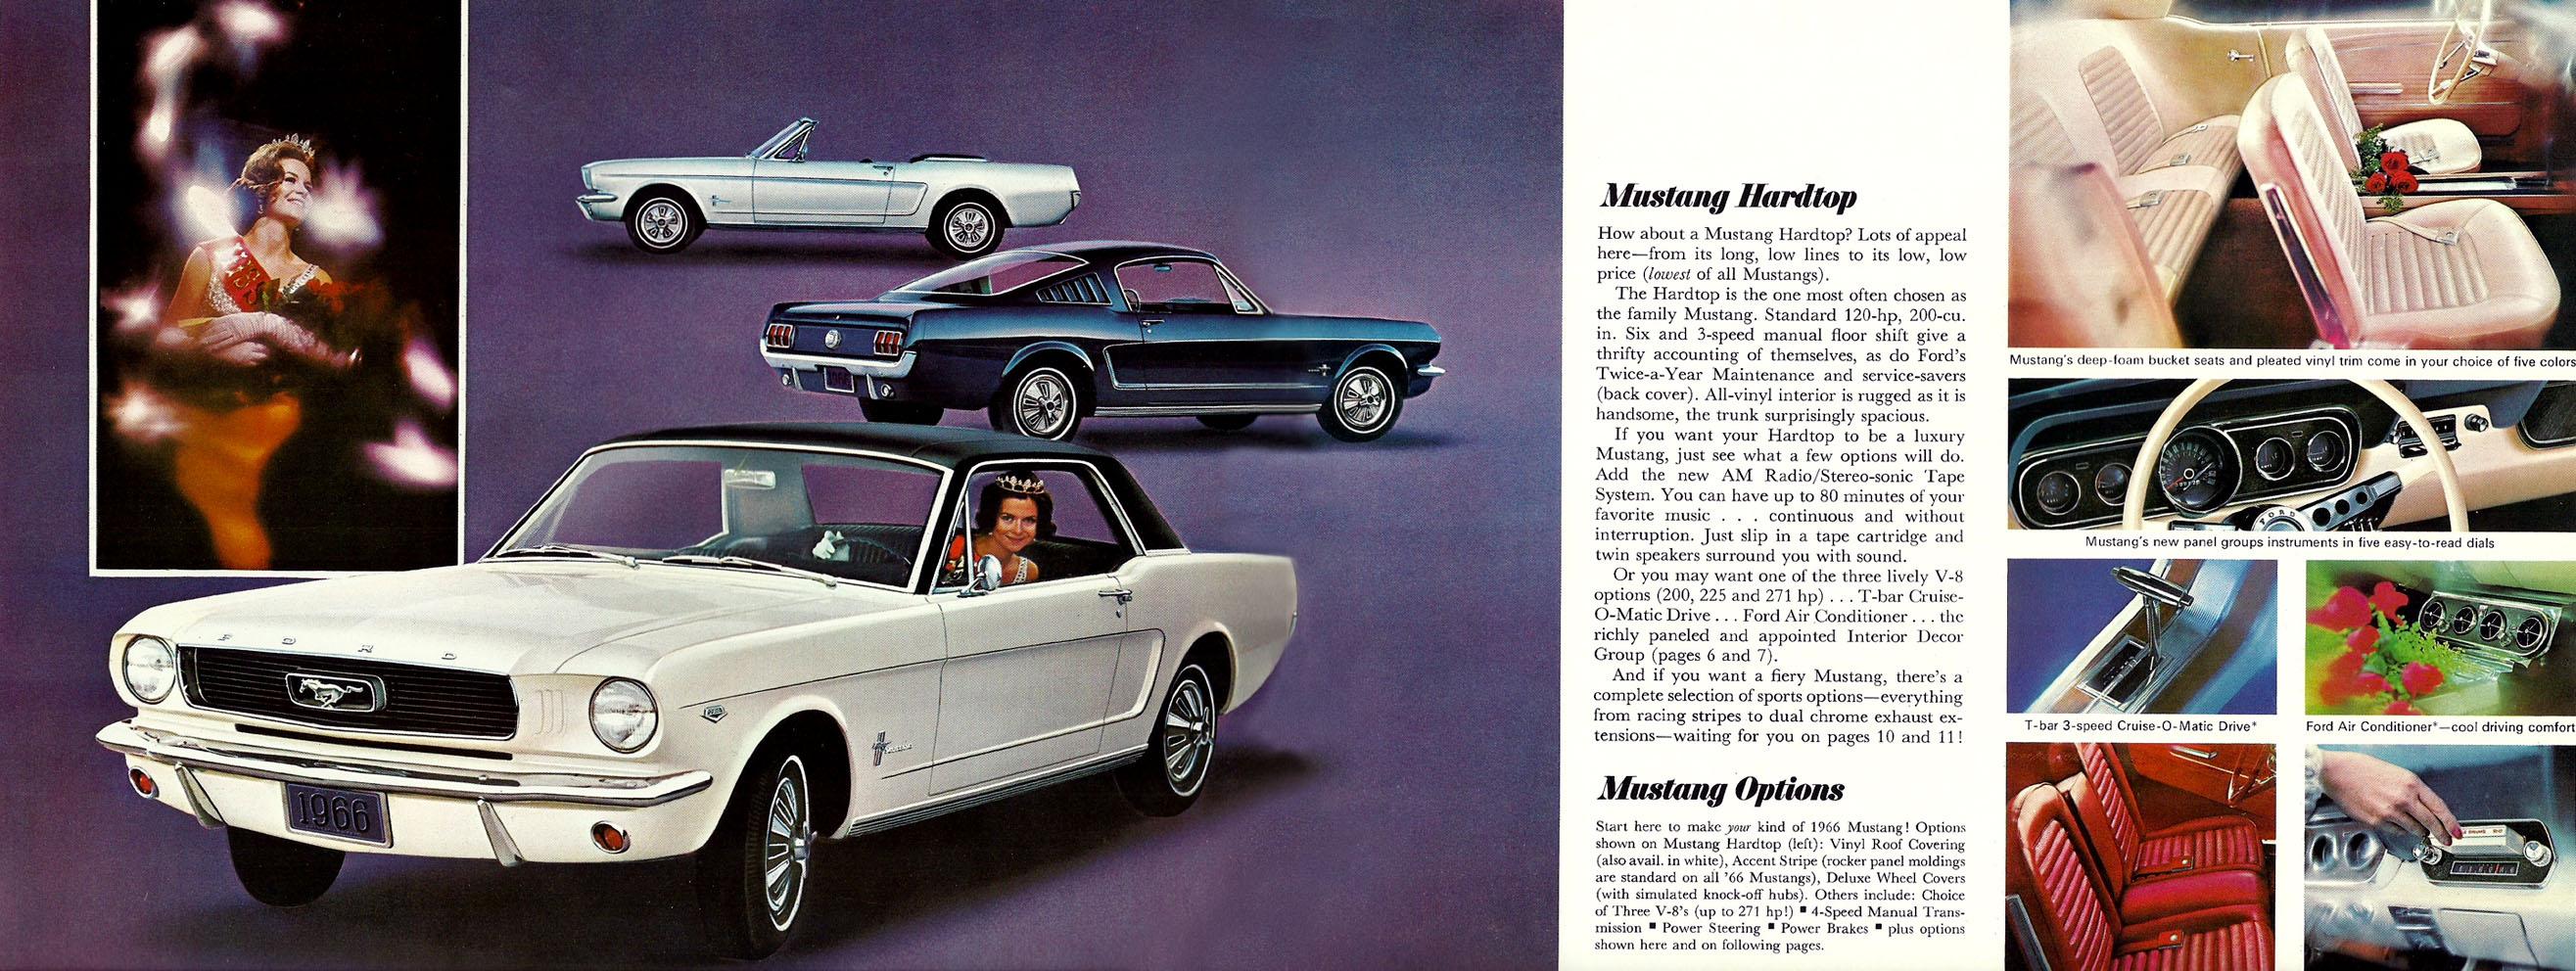 1966 Mustang Prospekt Seite 4-5